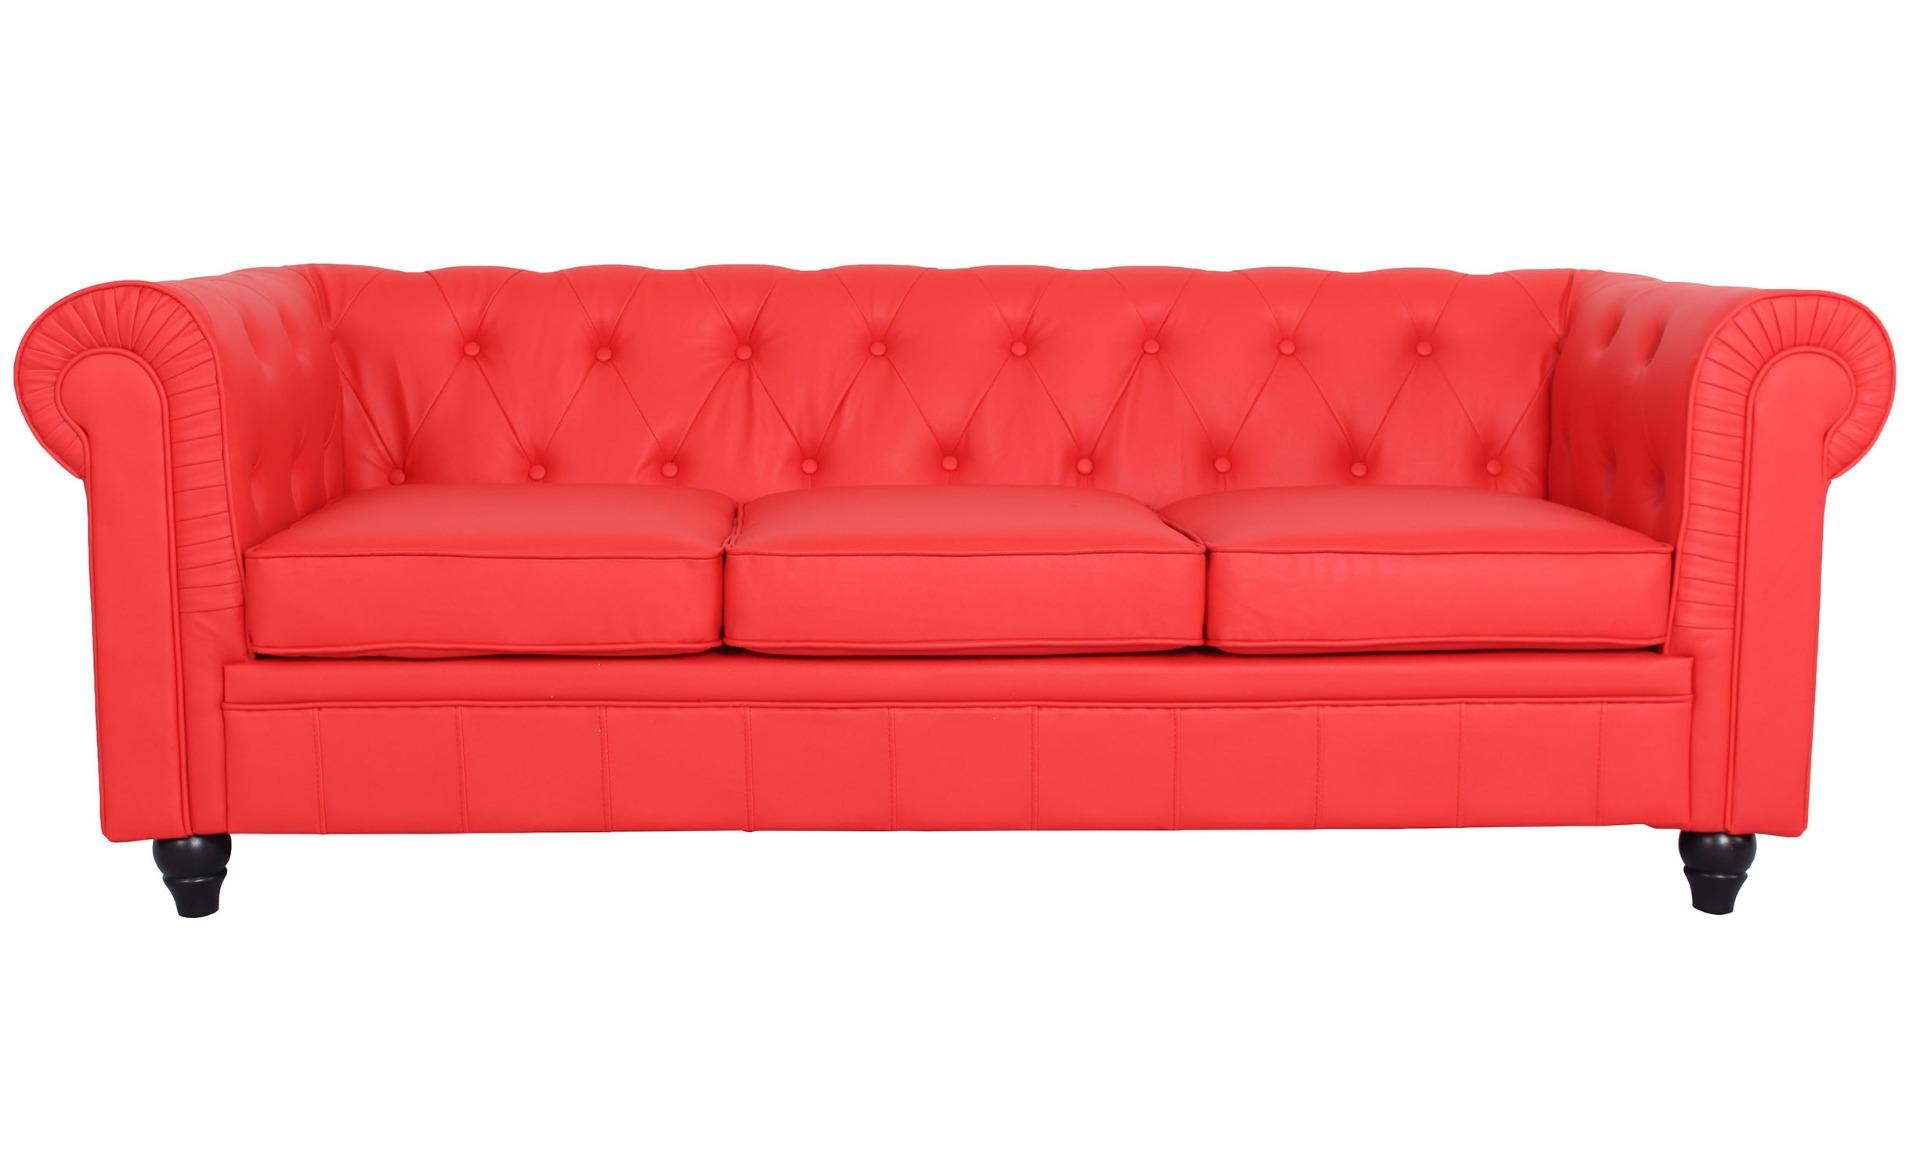 Le véritable canapé Chesterfield 3 places capitonné rouge